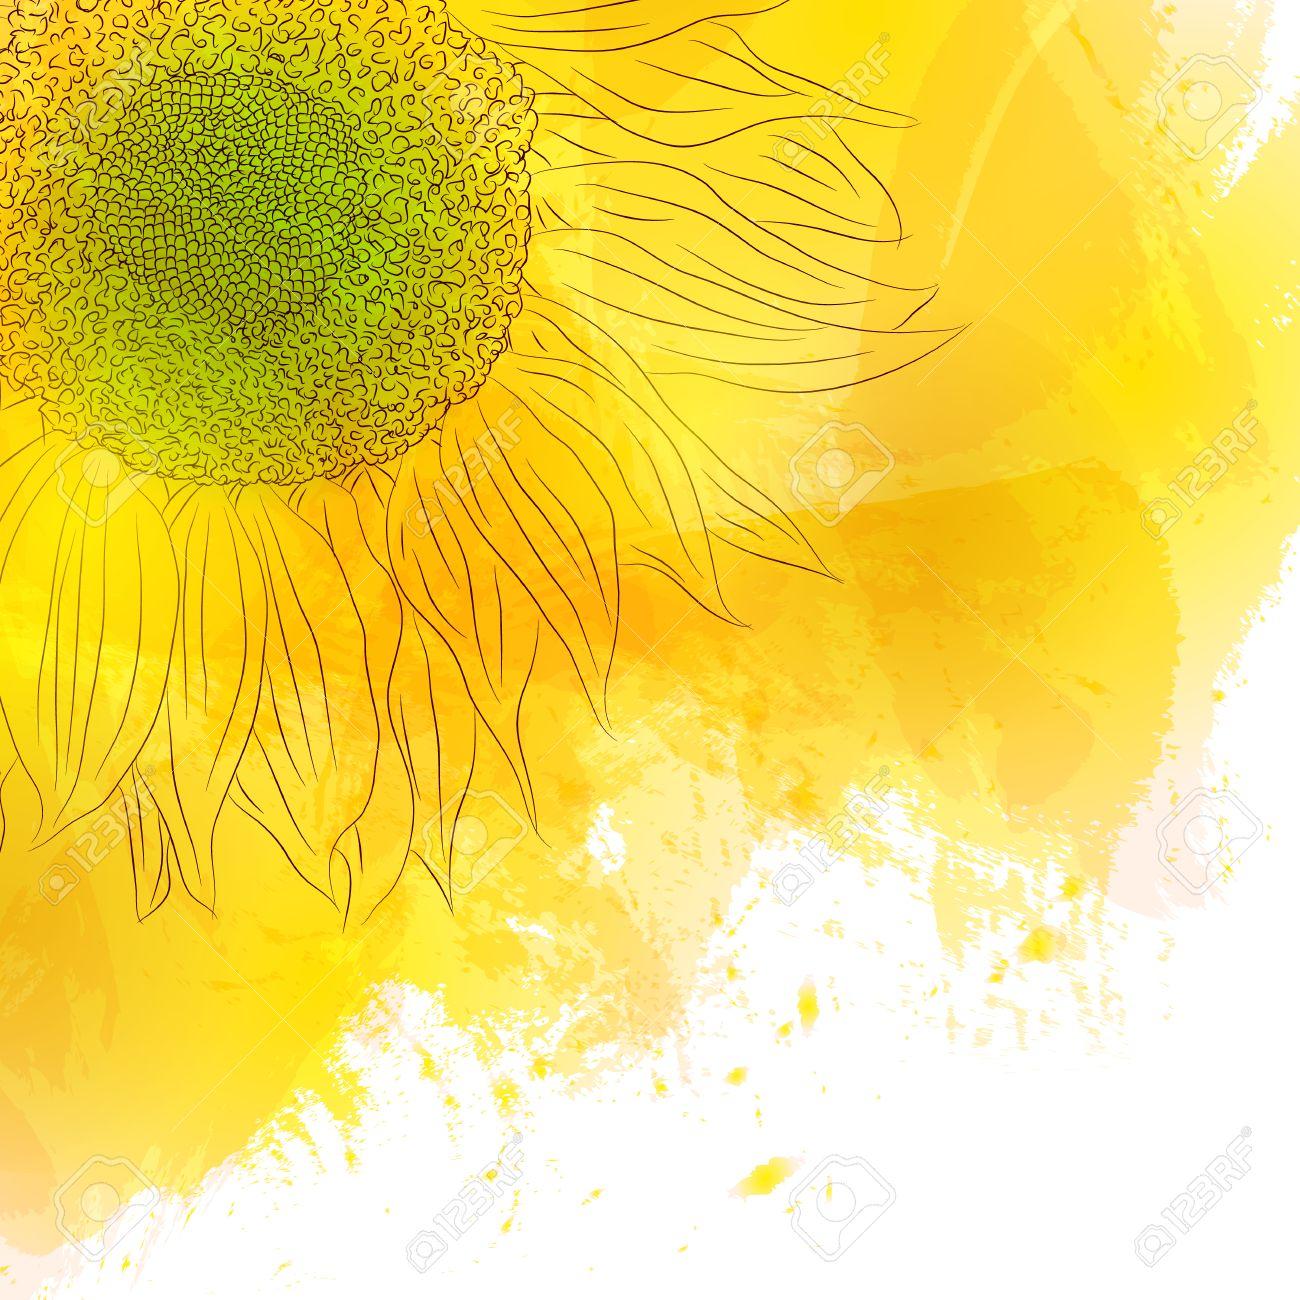 Einladungskarte Sonnenblume – biblesuite.co - Einladungskarte Sonnenblume